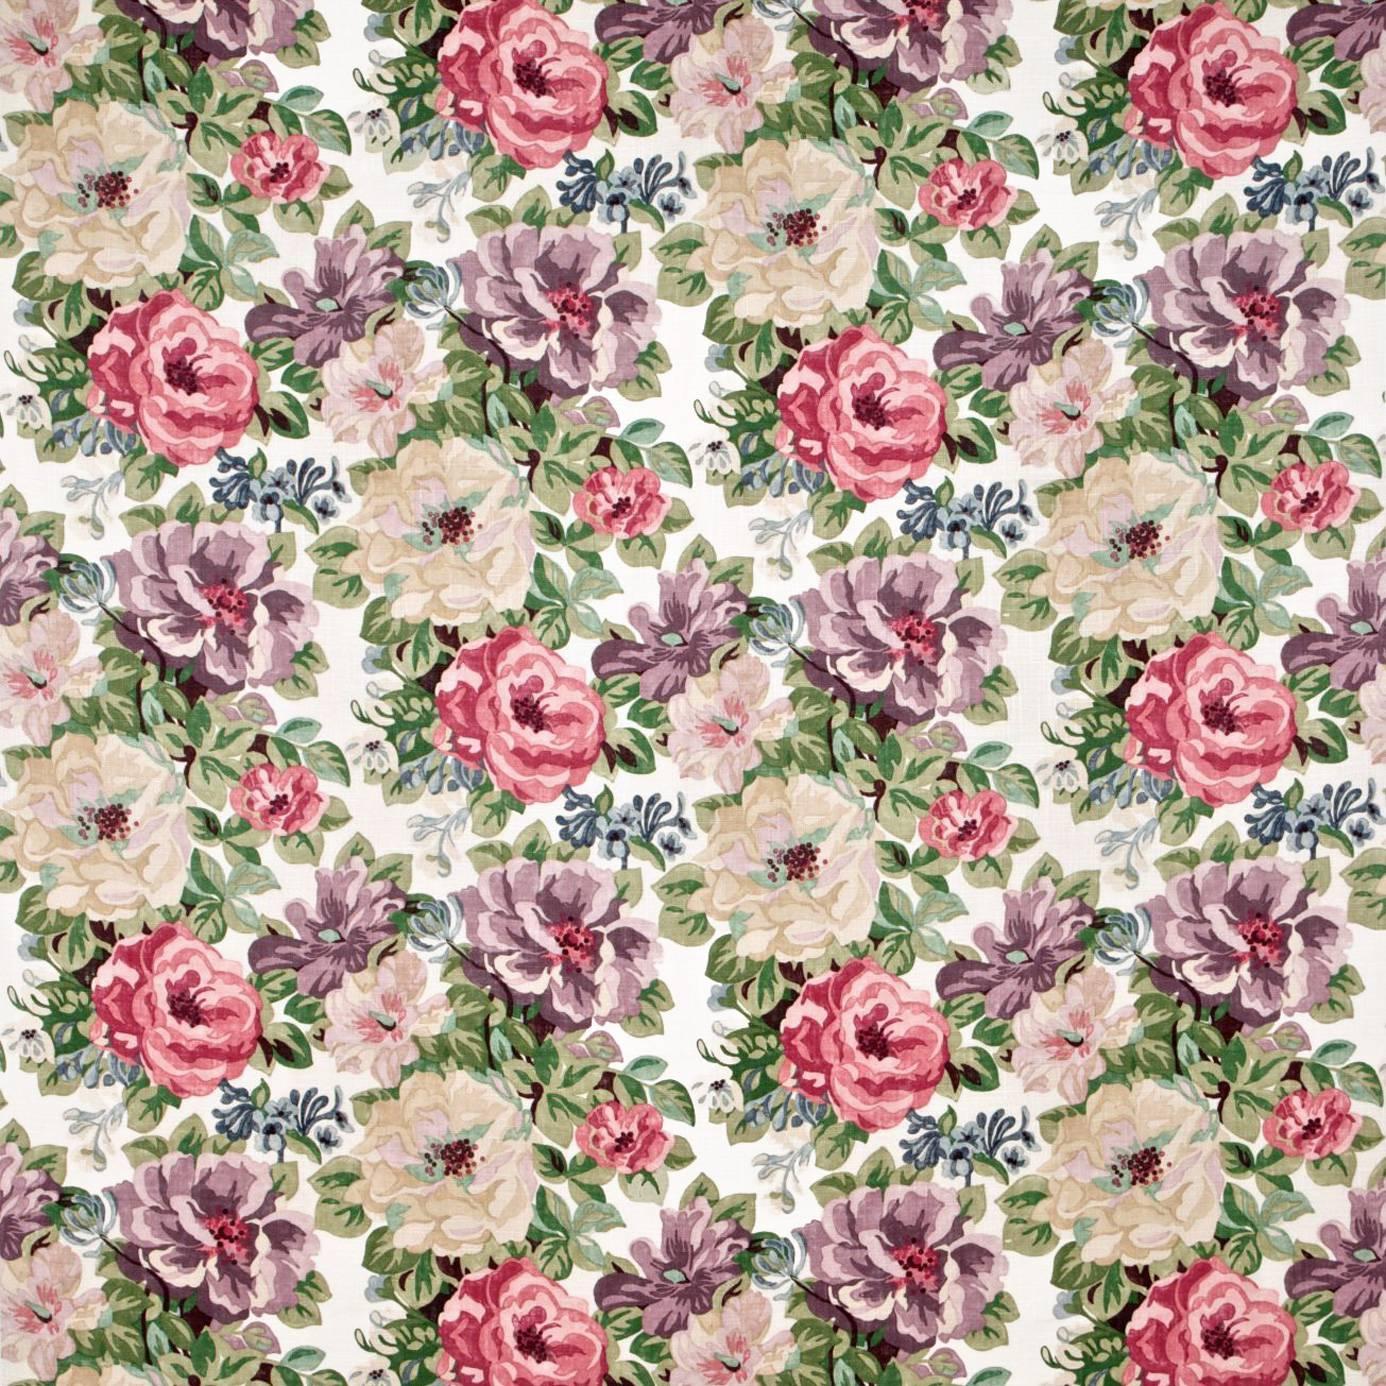 midsummer rose fabric lilac rose dcavmi201 sanderson. Black Bedroom Furniture Sets. Home Design Ideas